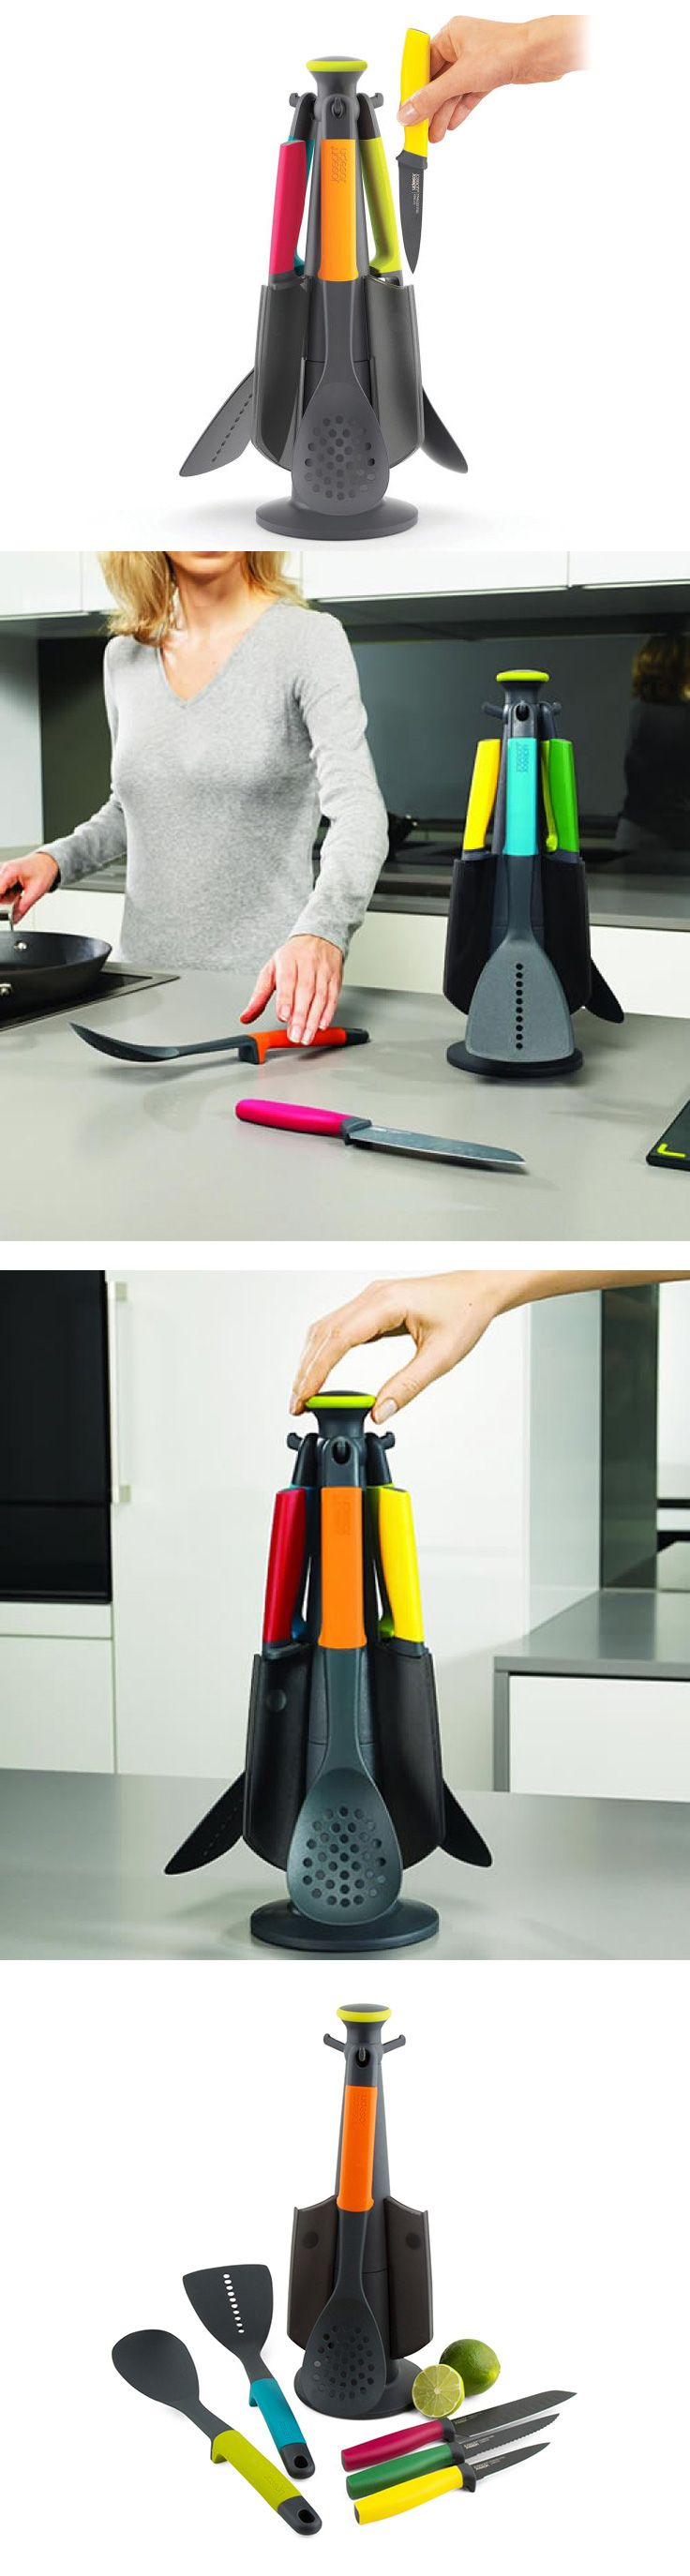 Originální rotační stojan se 4 kuchyňskými nástroji a 3 noži ve veselých barvech.  Nástroje s integrovanou podpěrou omezující znečištění pracovní plochy. Pracovní části nástrojů z nylonu – vhodné i pro nepřilnavé povrchy.